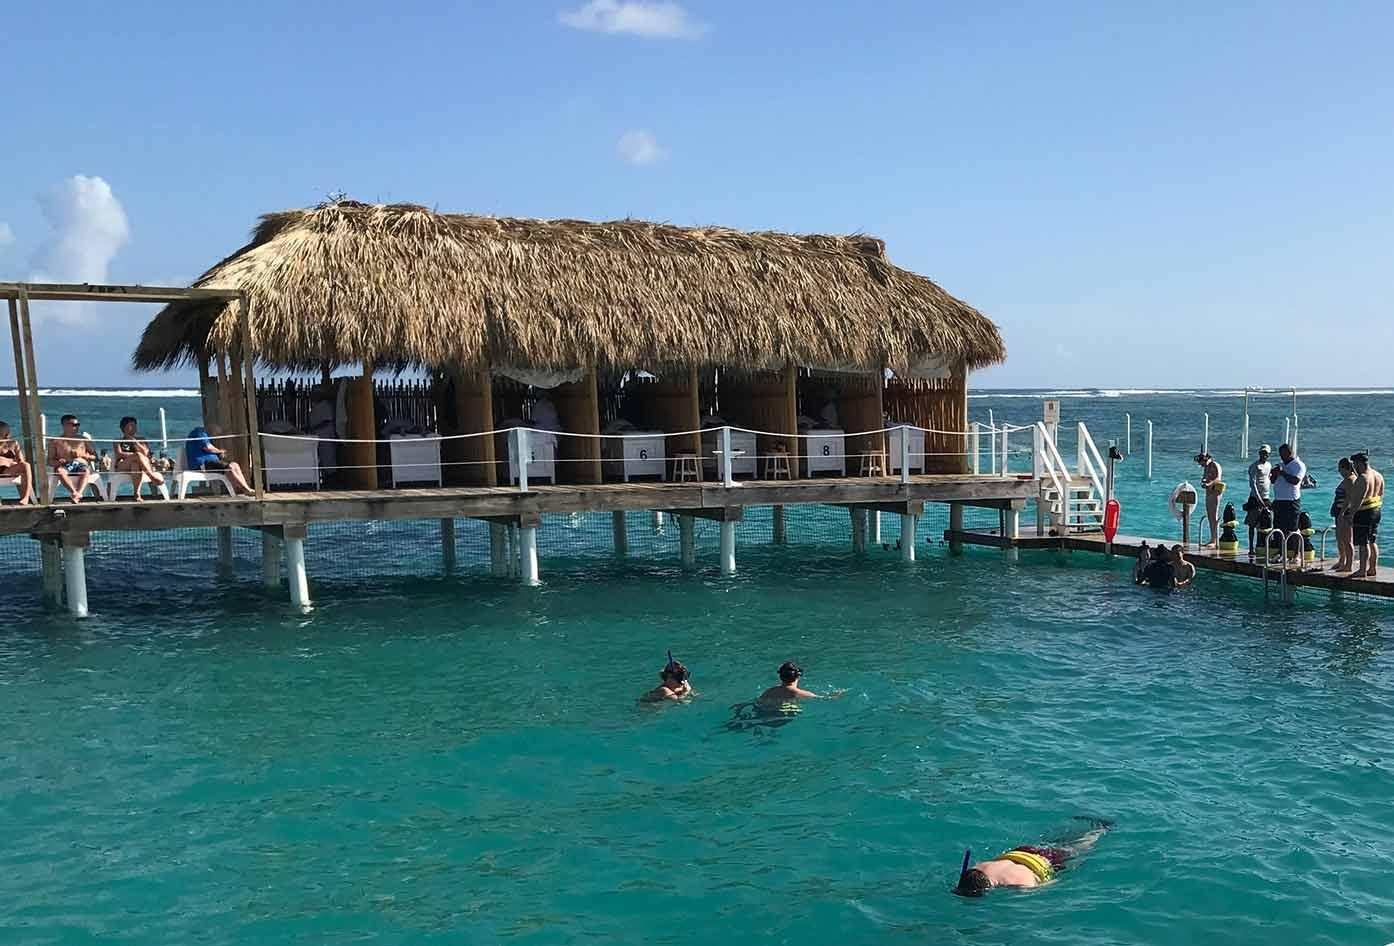 punta cana or rivera maya snorkeling